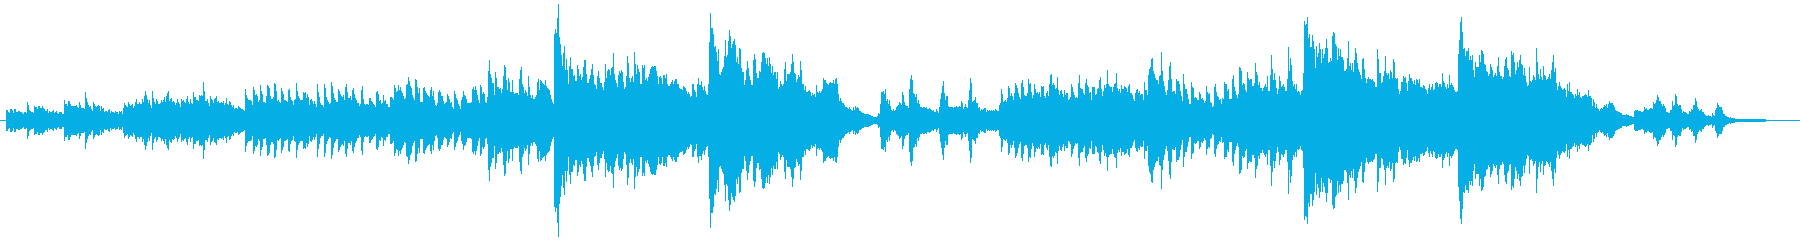 プログレッシブ 交響曲 アクティブ...の再生済みの波形